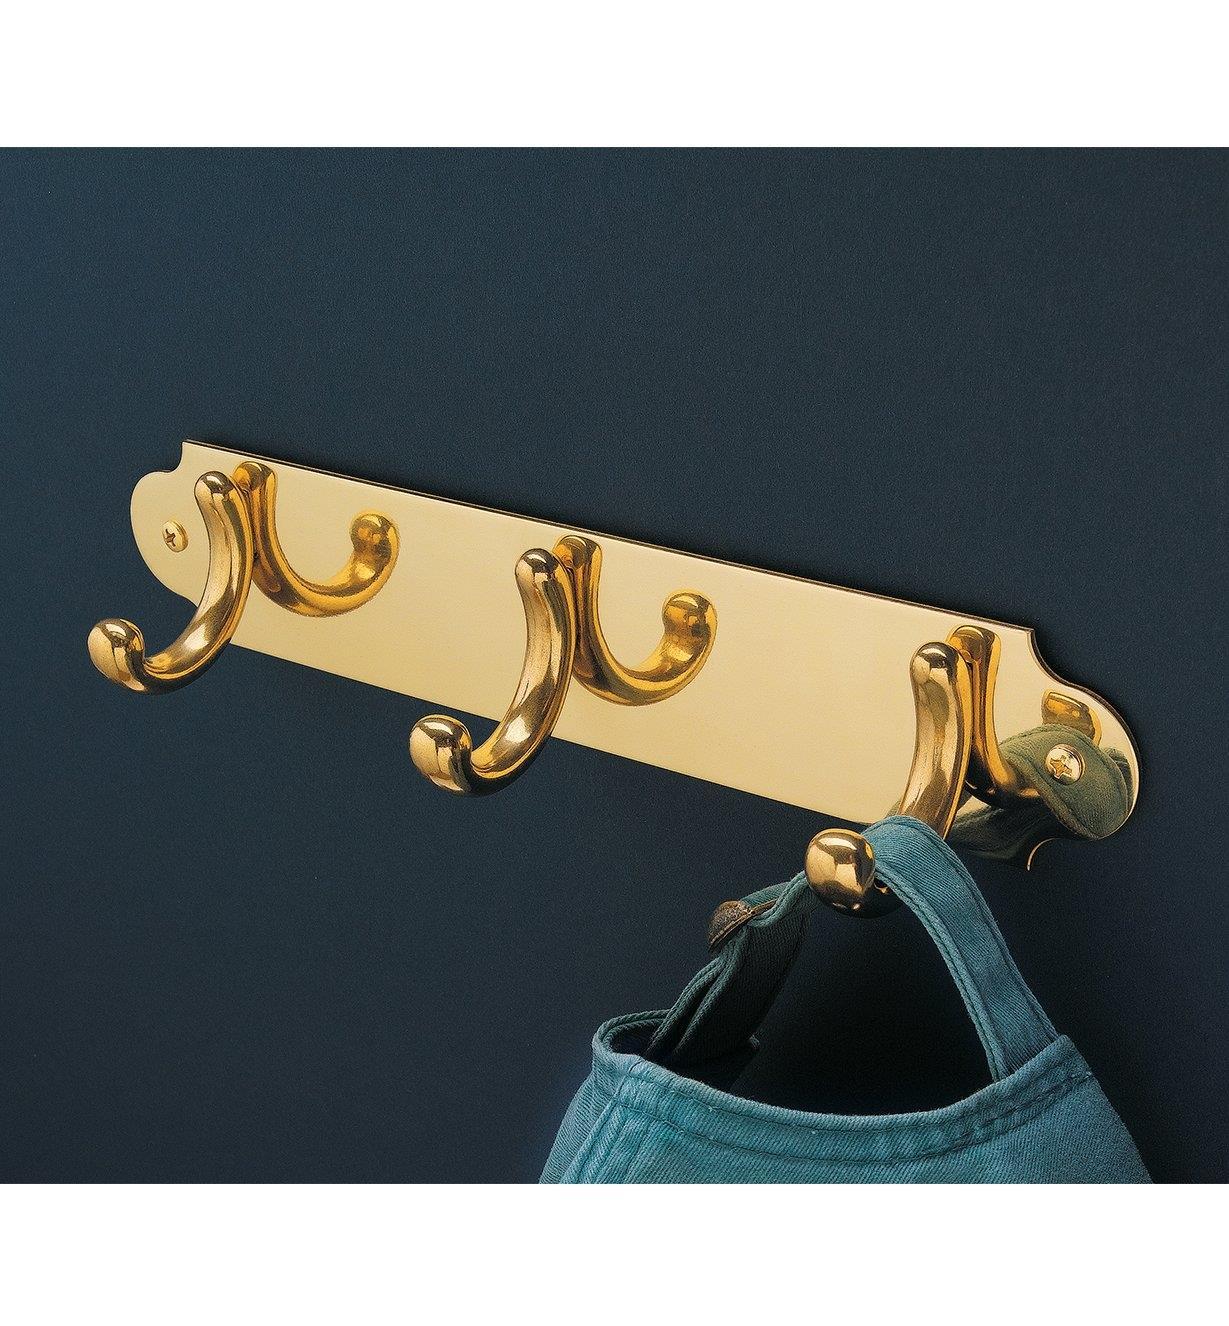 01W9101 - Hooks & Plate Set